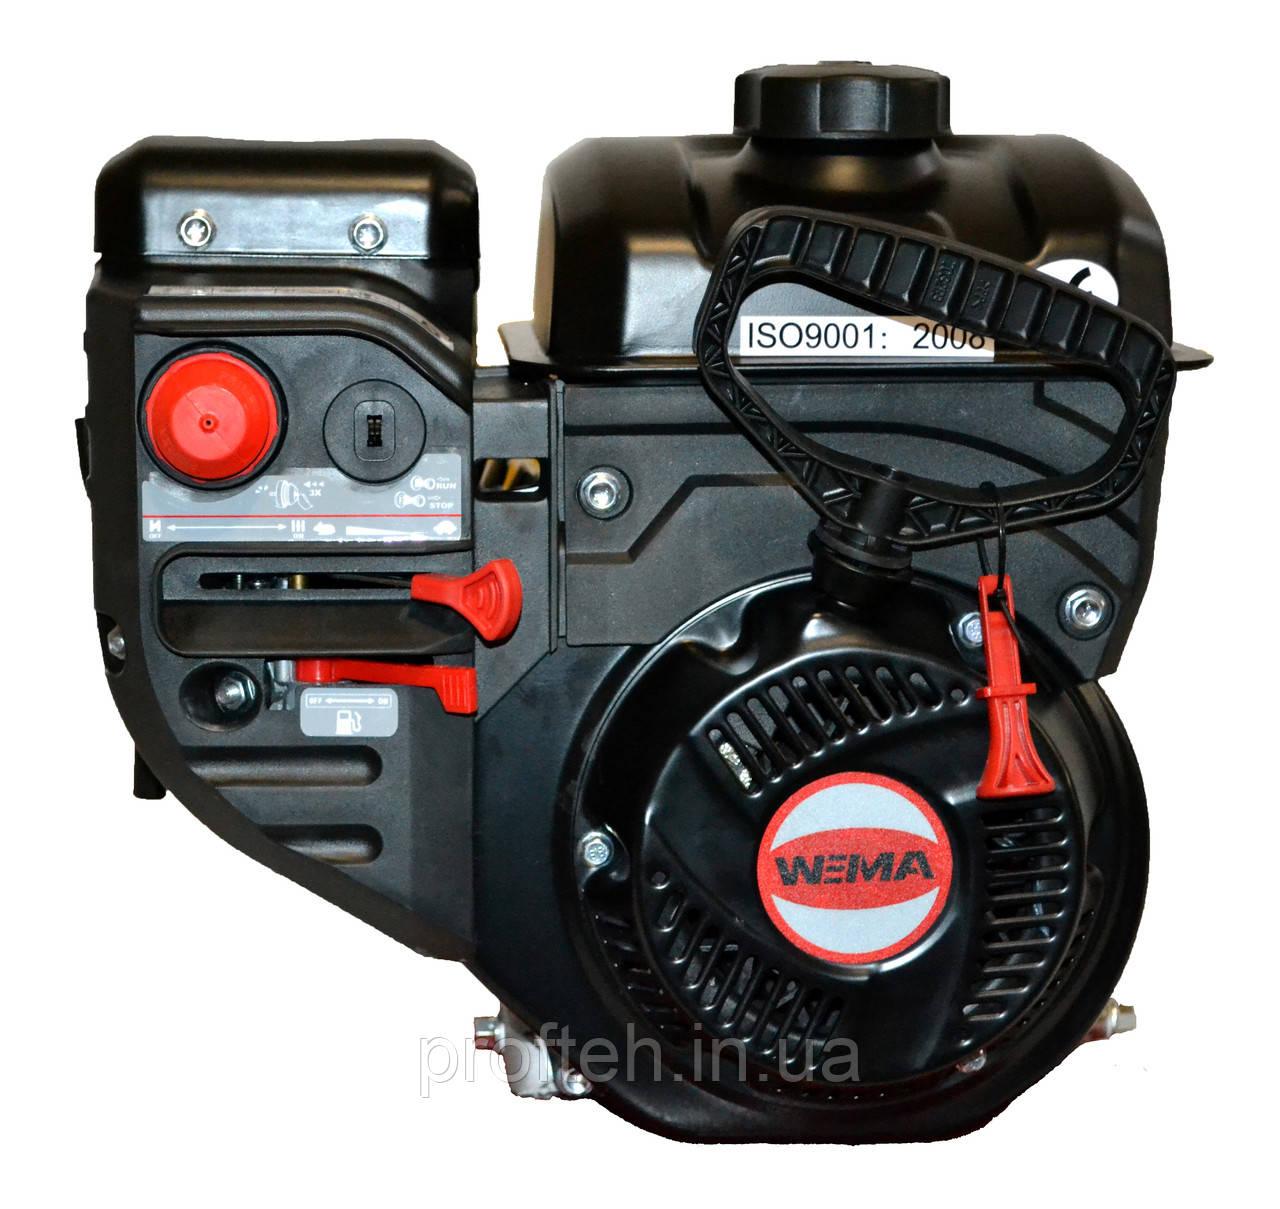 Двигатель бензиновый WEIMA W210FS (5,5 л.с., шпонка Ø19мм, Q3, для снегоуборщиков)